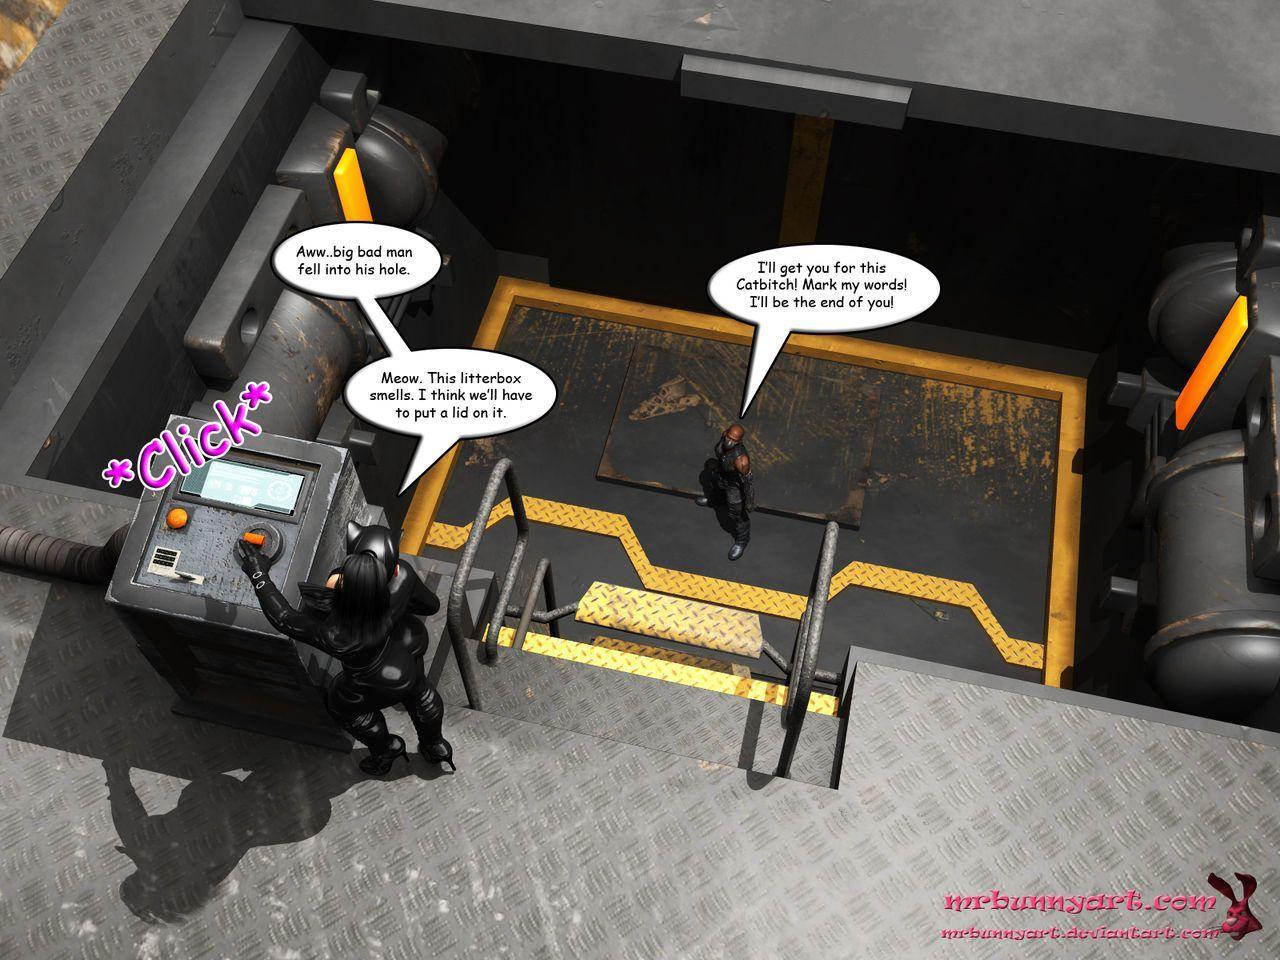 [MrBunnyArt] Batgirl vs Cain (Batman) [English] - part 3